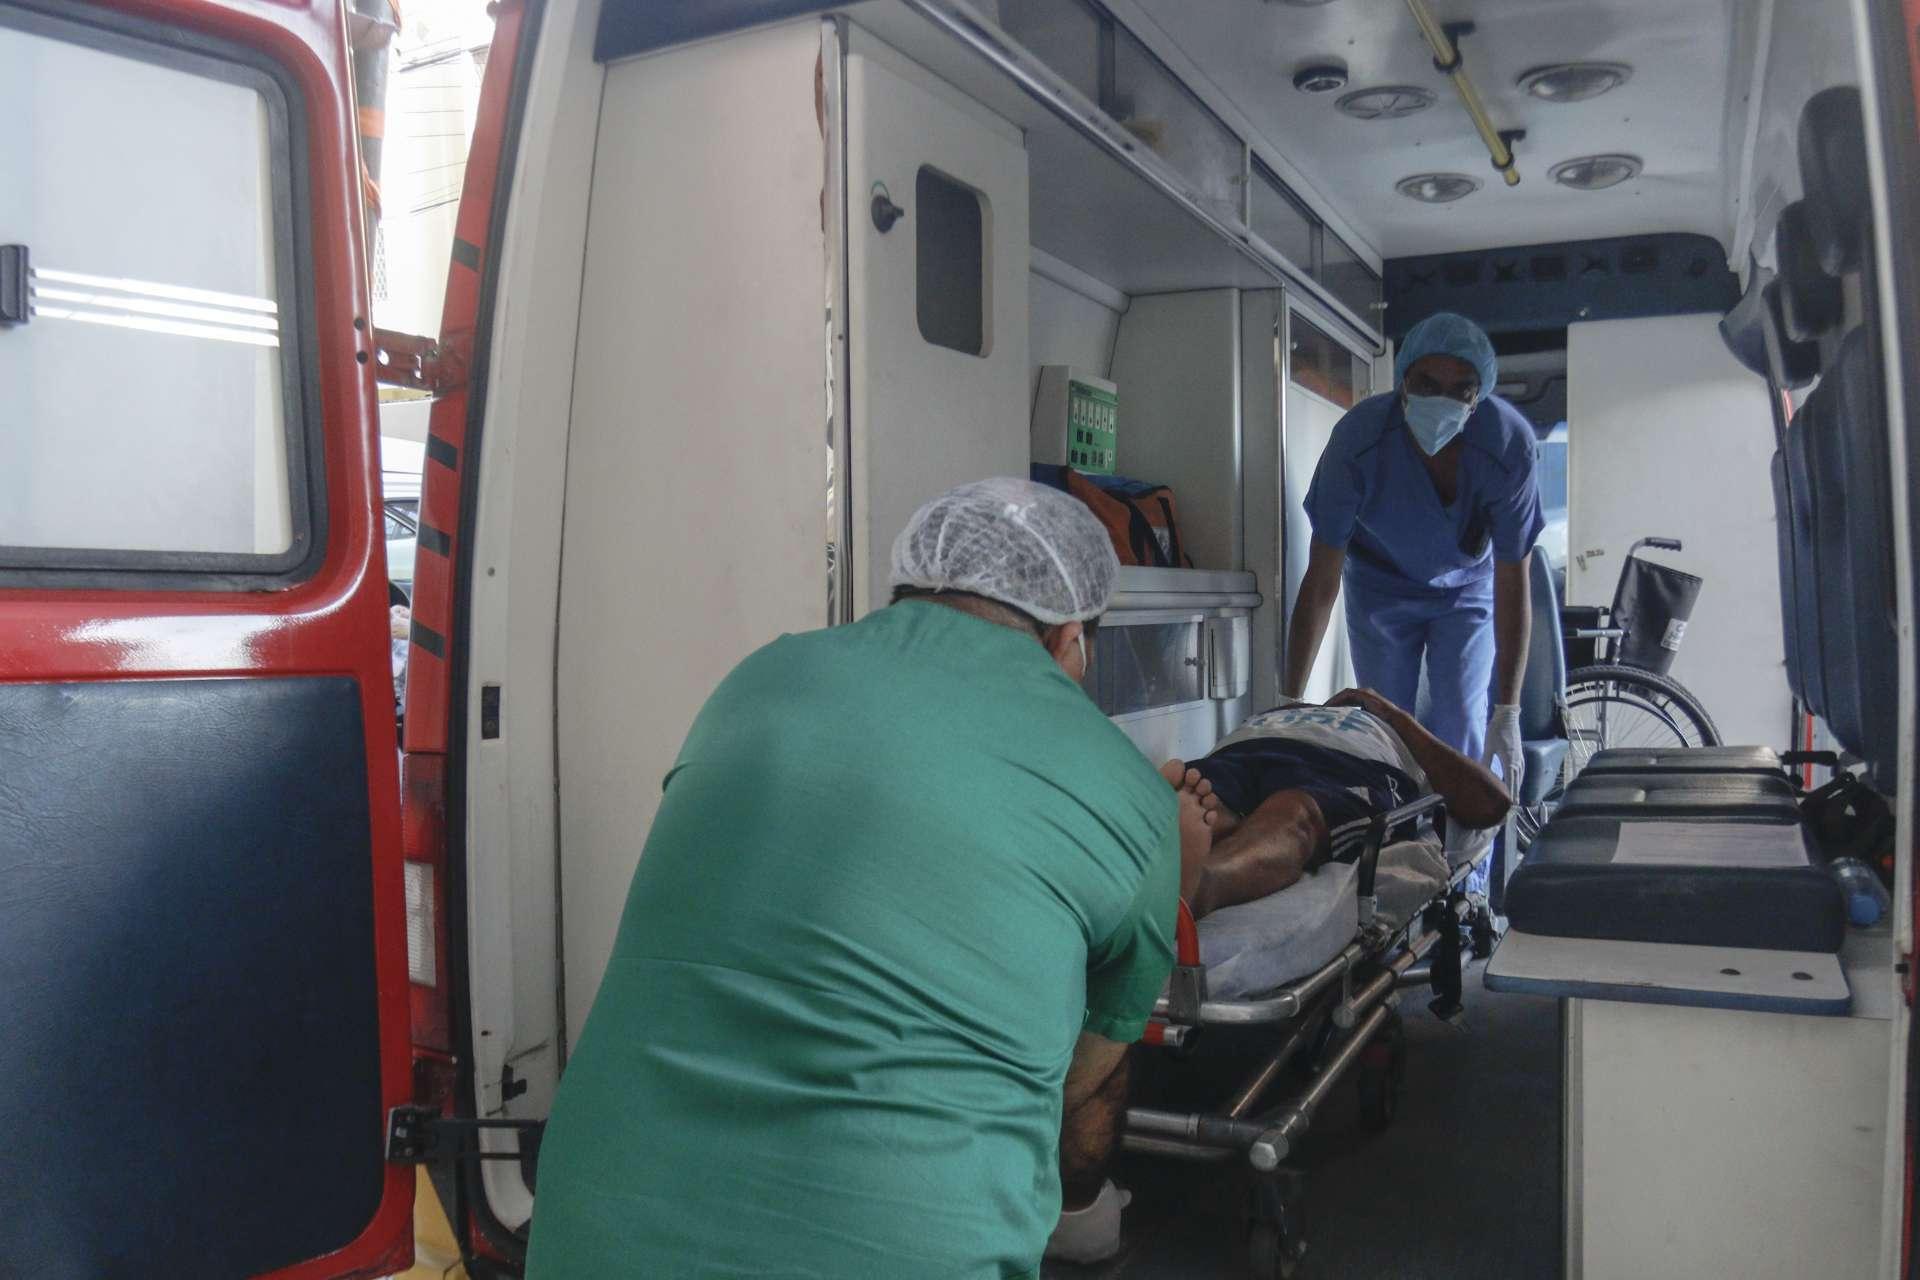 Estado do Ceará abrirá concurso para 12 mil vagas na área de saúde – O POVO